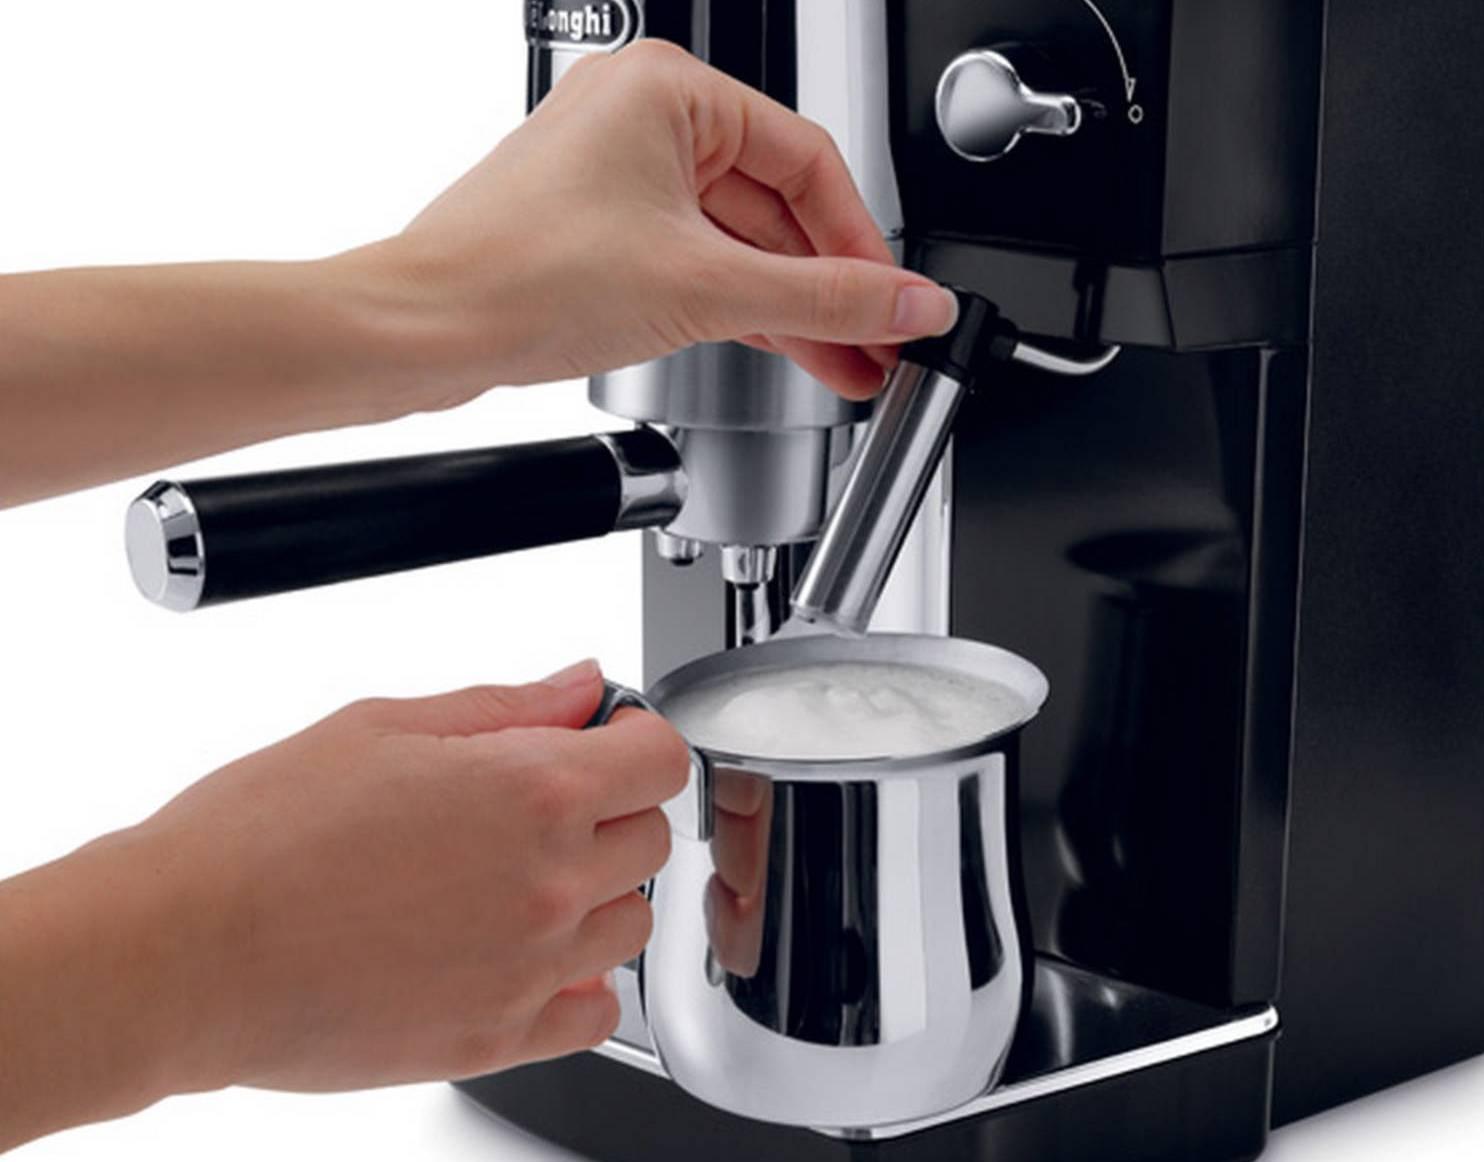 16 удобных кофемашин и кофеварок для дома - лайфхакер